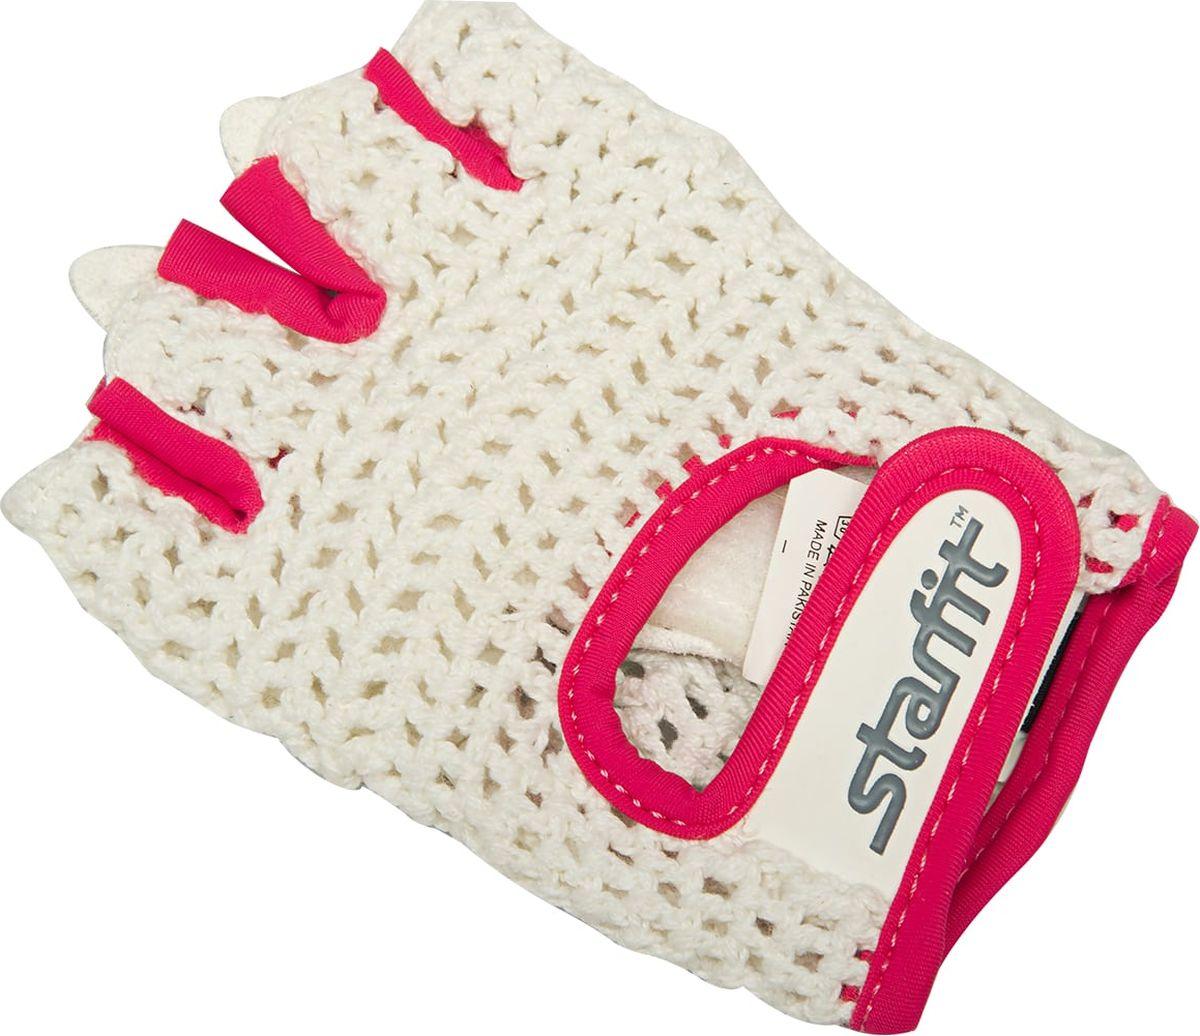 Перчатки для фитнеса женские Starfit  SU-110 , цвет: белый, розовый. Размер M - Одежда, экипировка